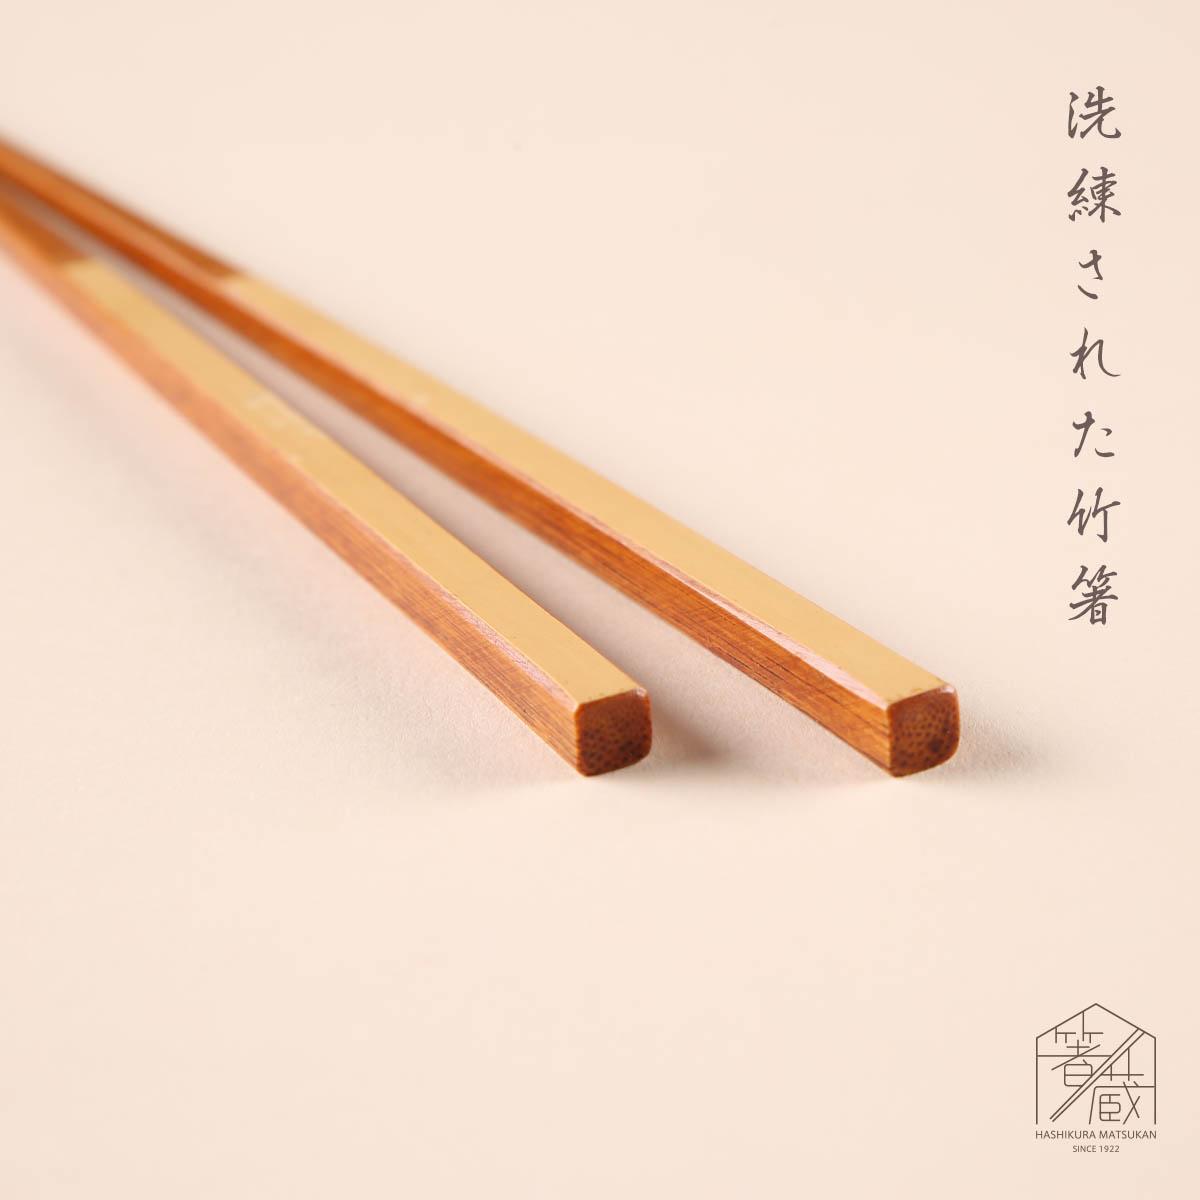 メール便対応商品 名入れ対応:不可 うるし白竹 限定モデル 使い勝手の良い 24cm 箸蔵まつかん お箸の専門店